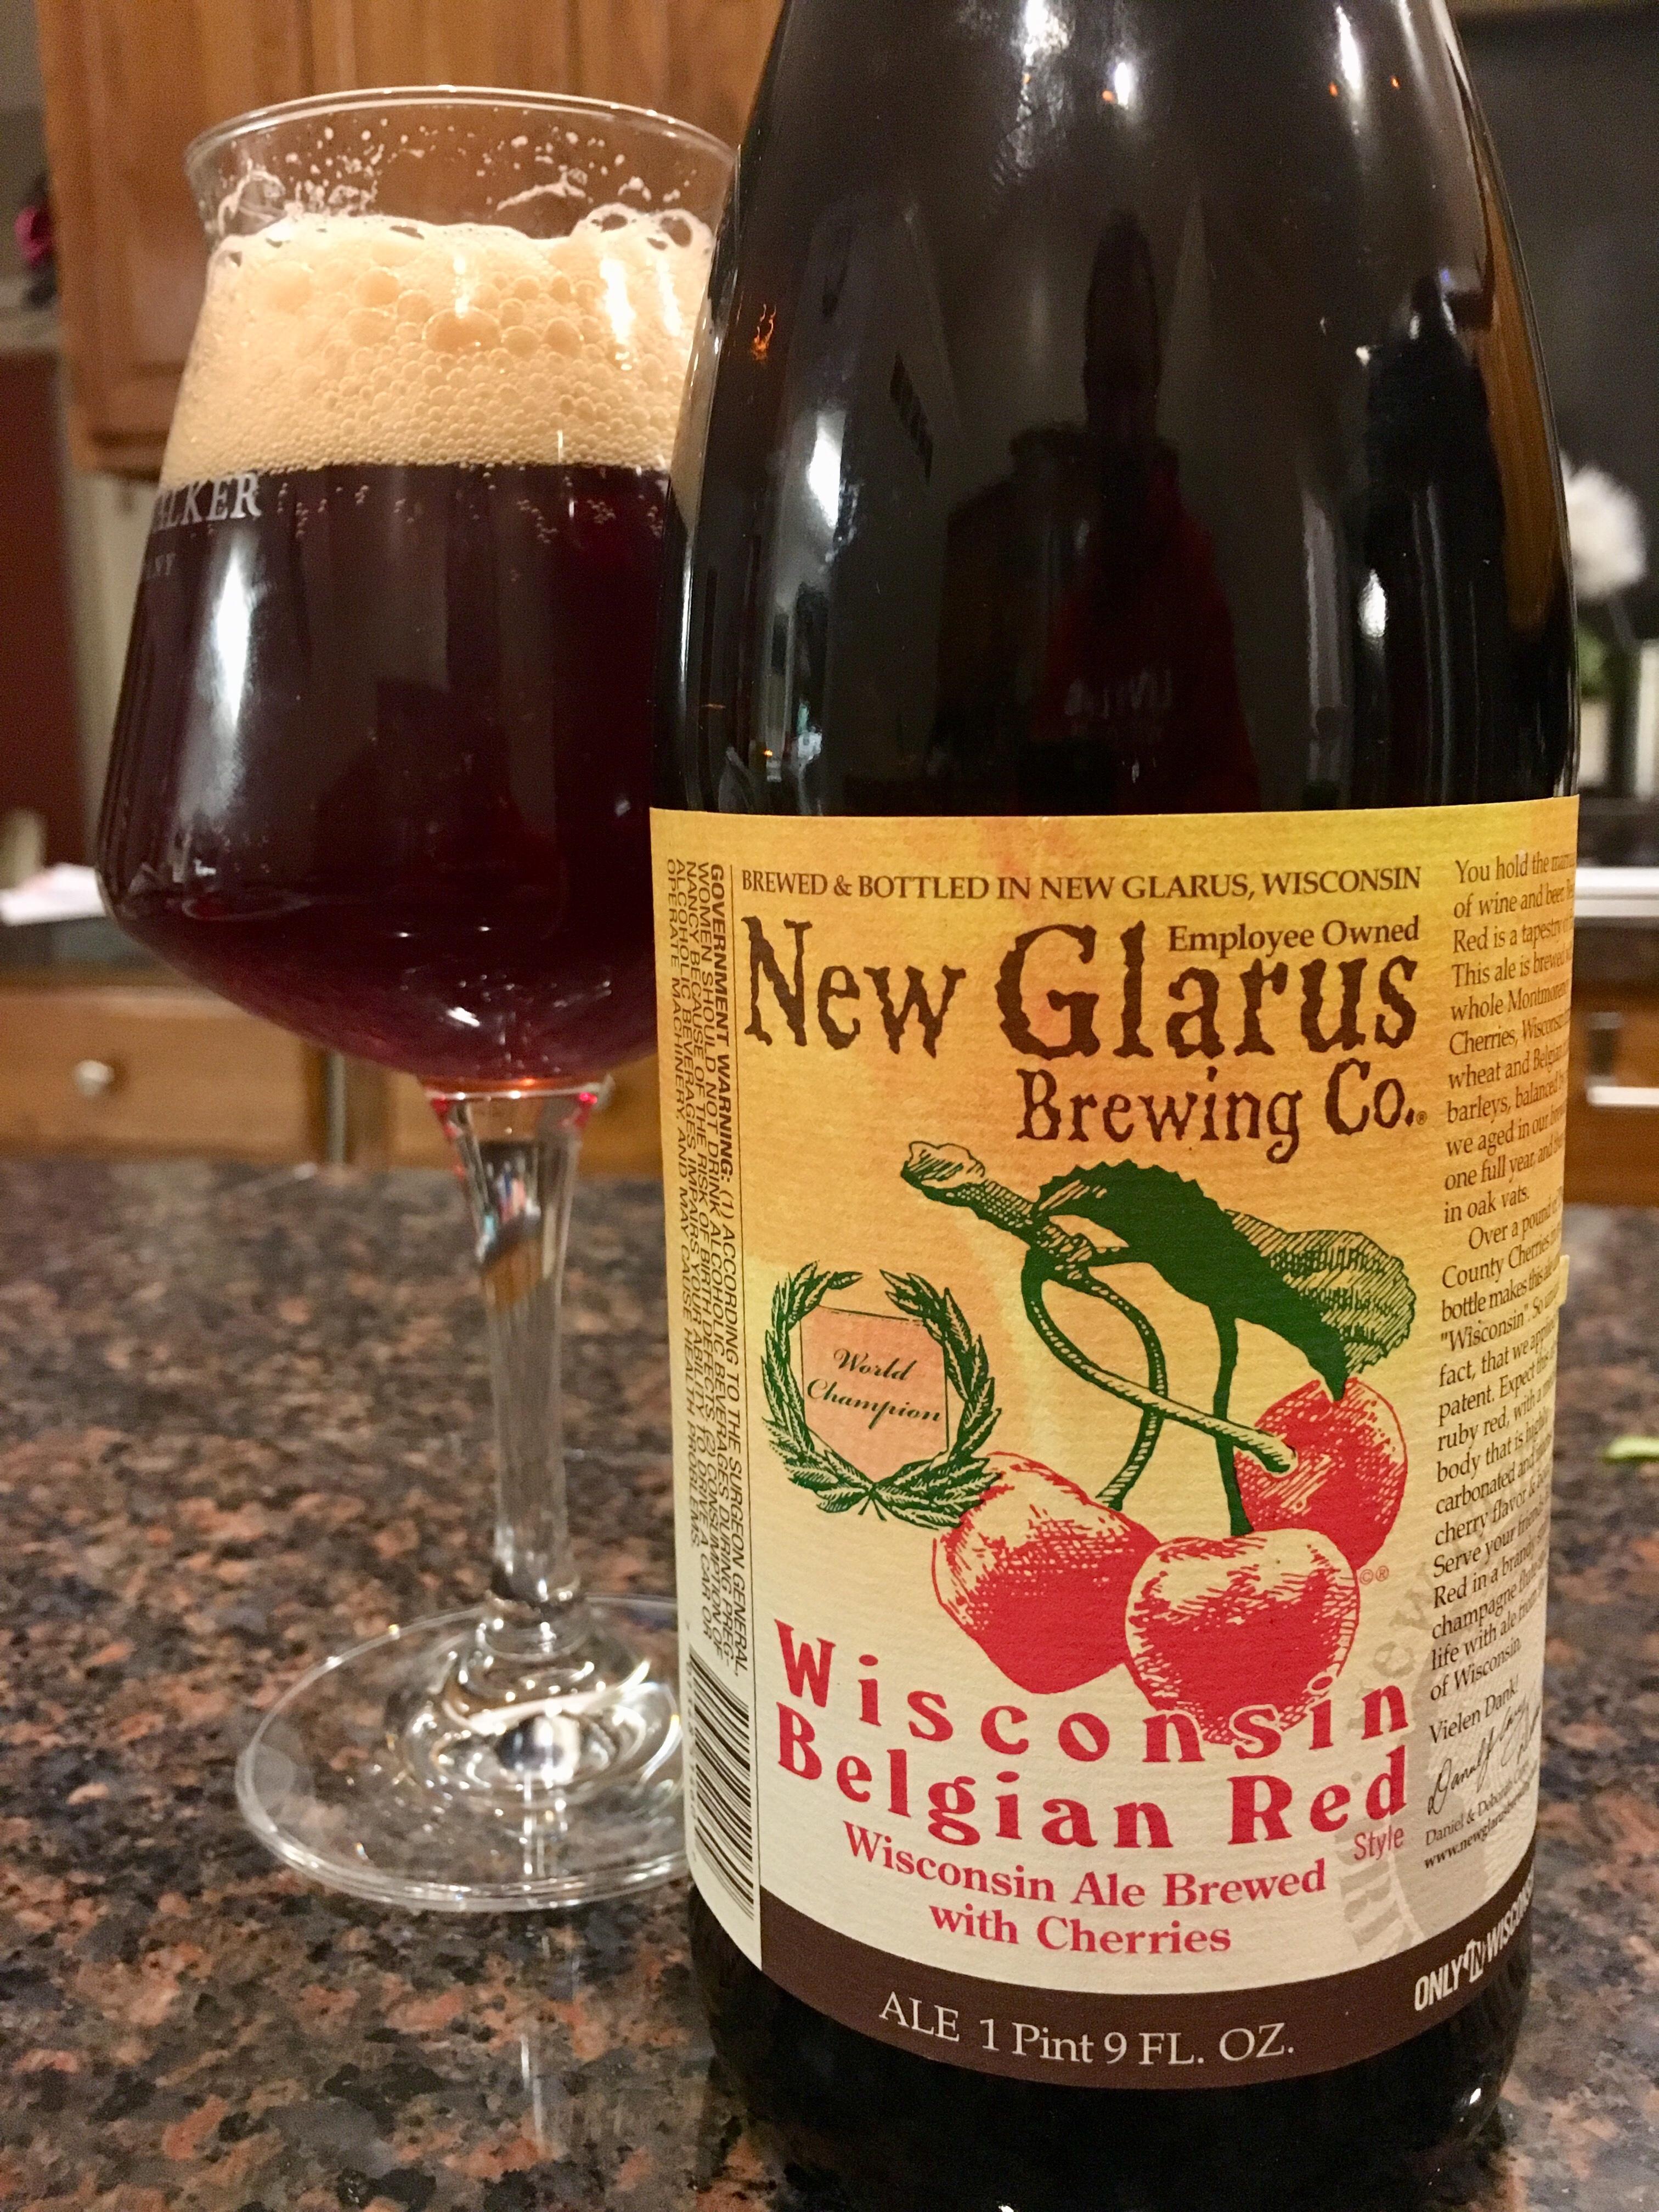 892. New Glarus - Wisconsin Belgian Red